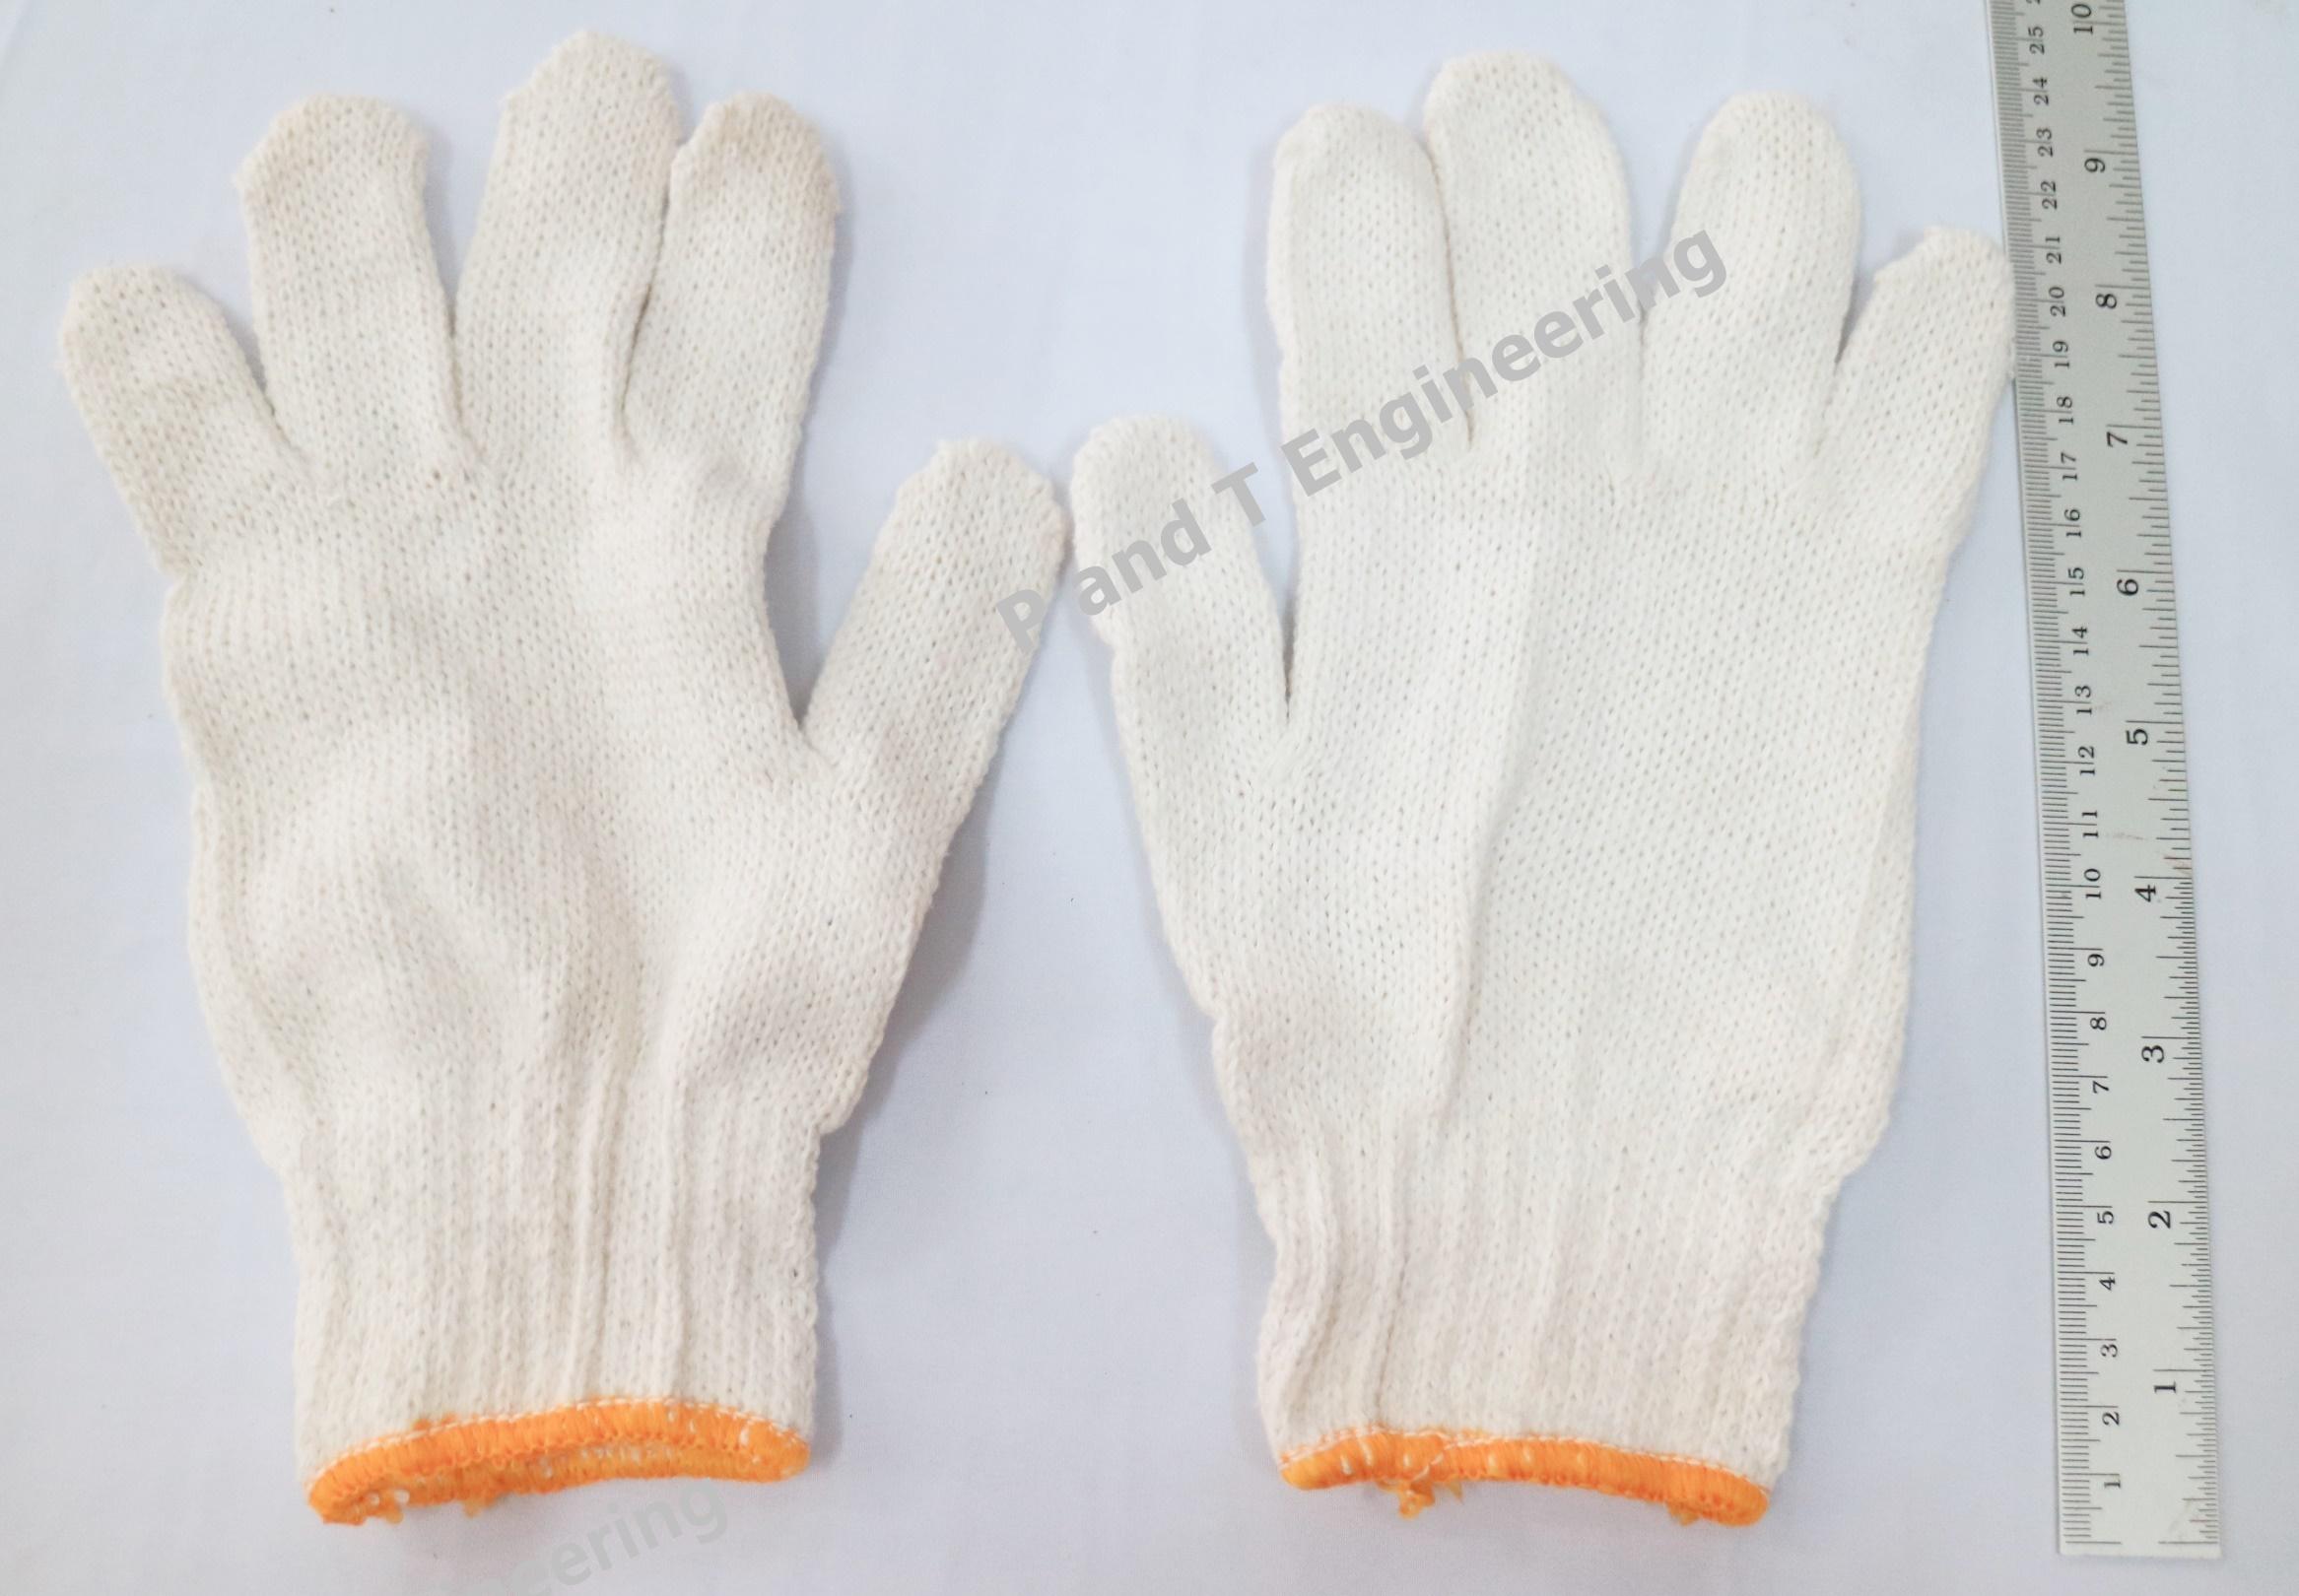 ถุงมือผ้าขอบเหลือง